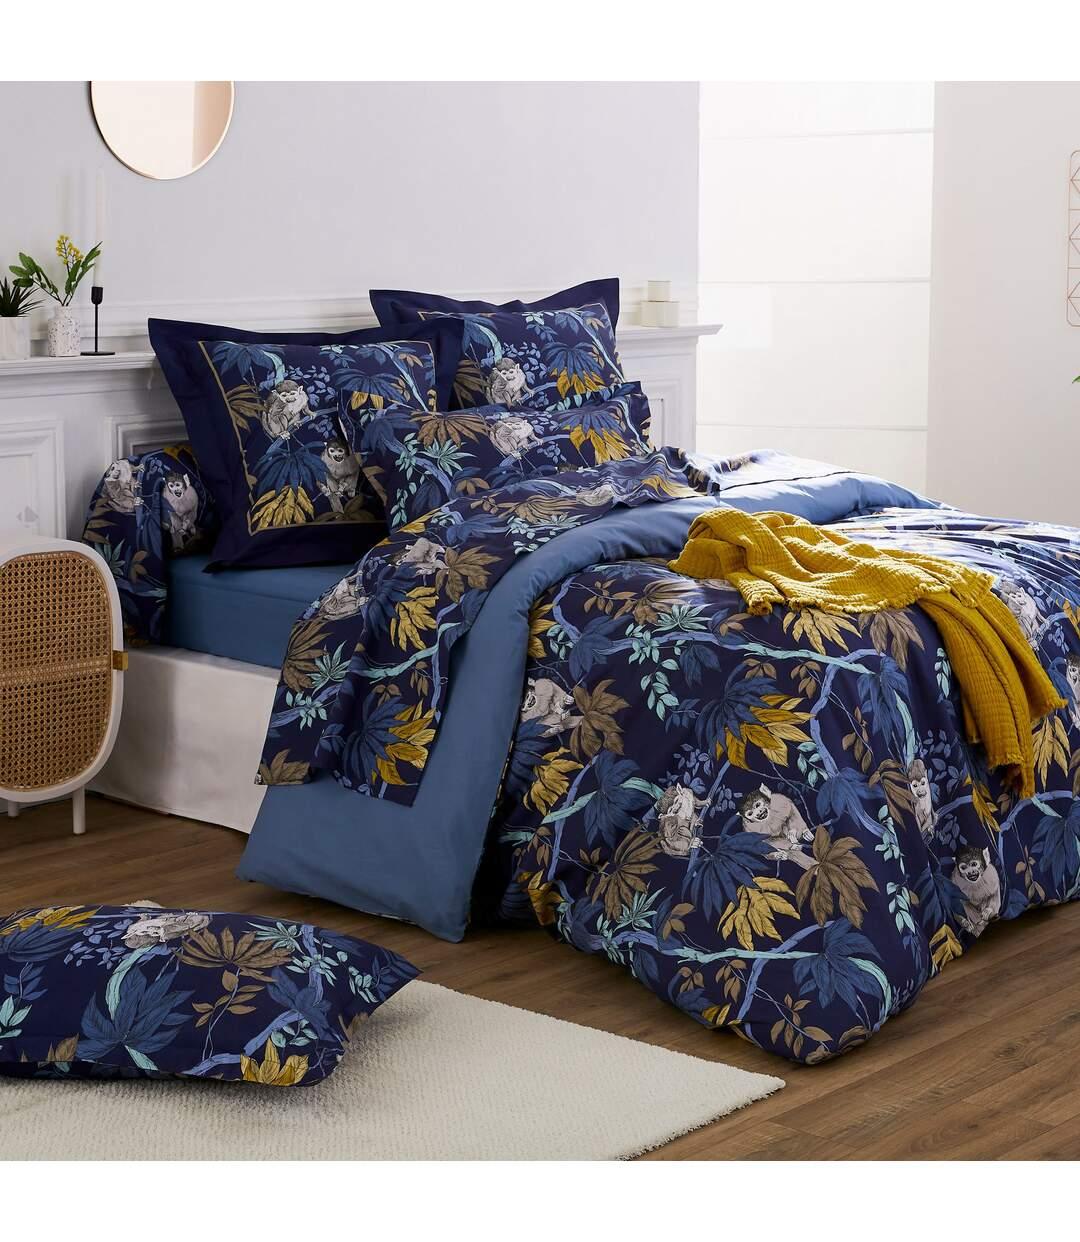 Parure de lit 260x240 cm 100% coton CAPUCIN bleu Nuit 3 pièces avec impression fixé-lavé